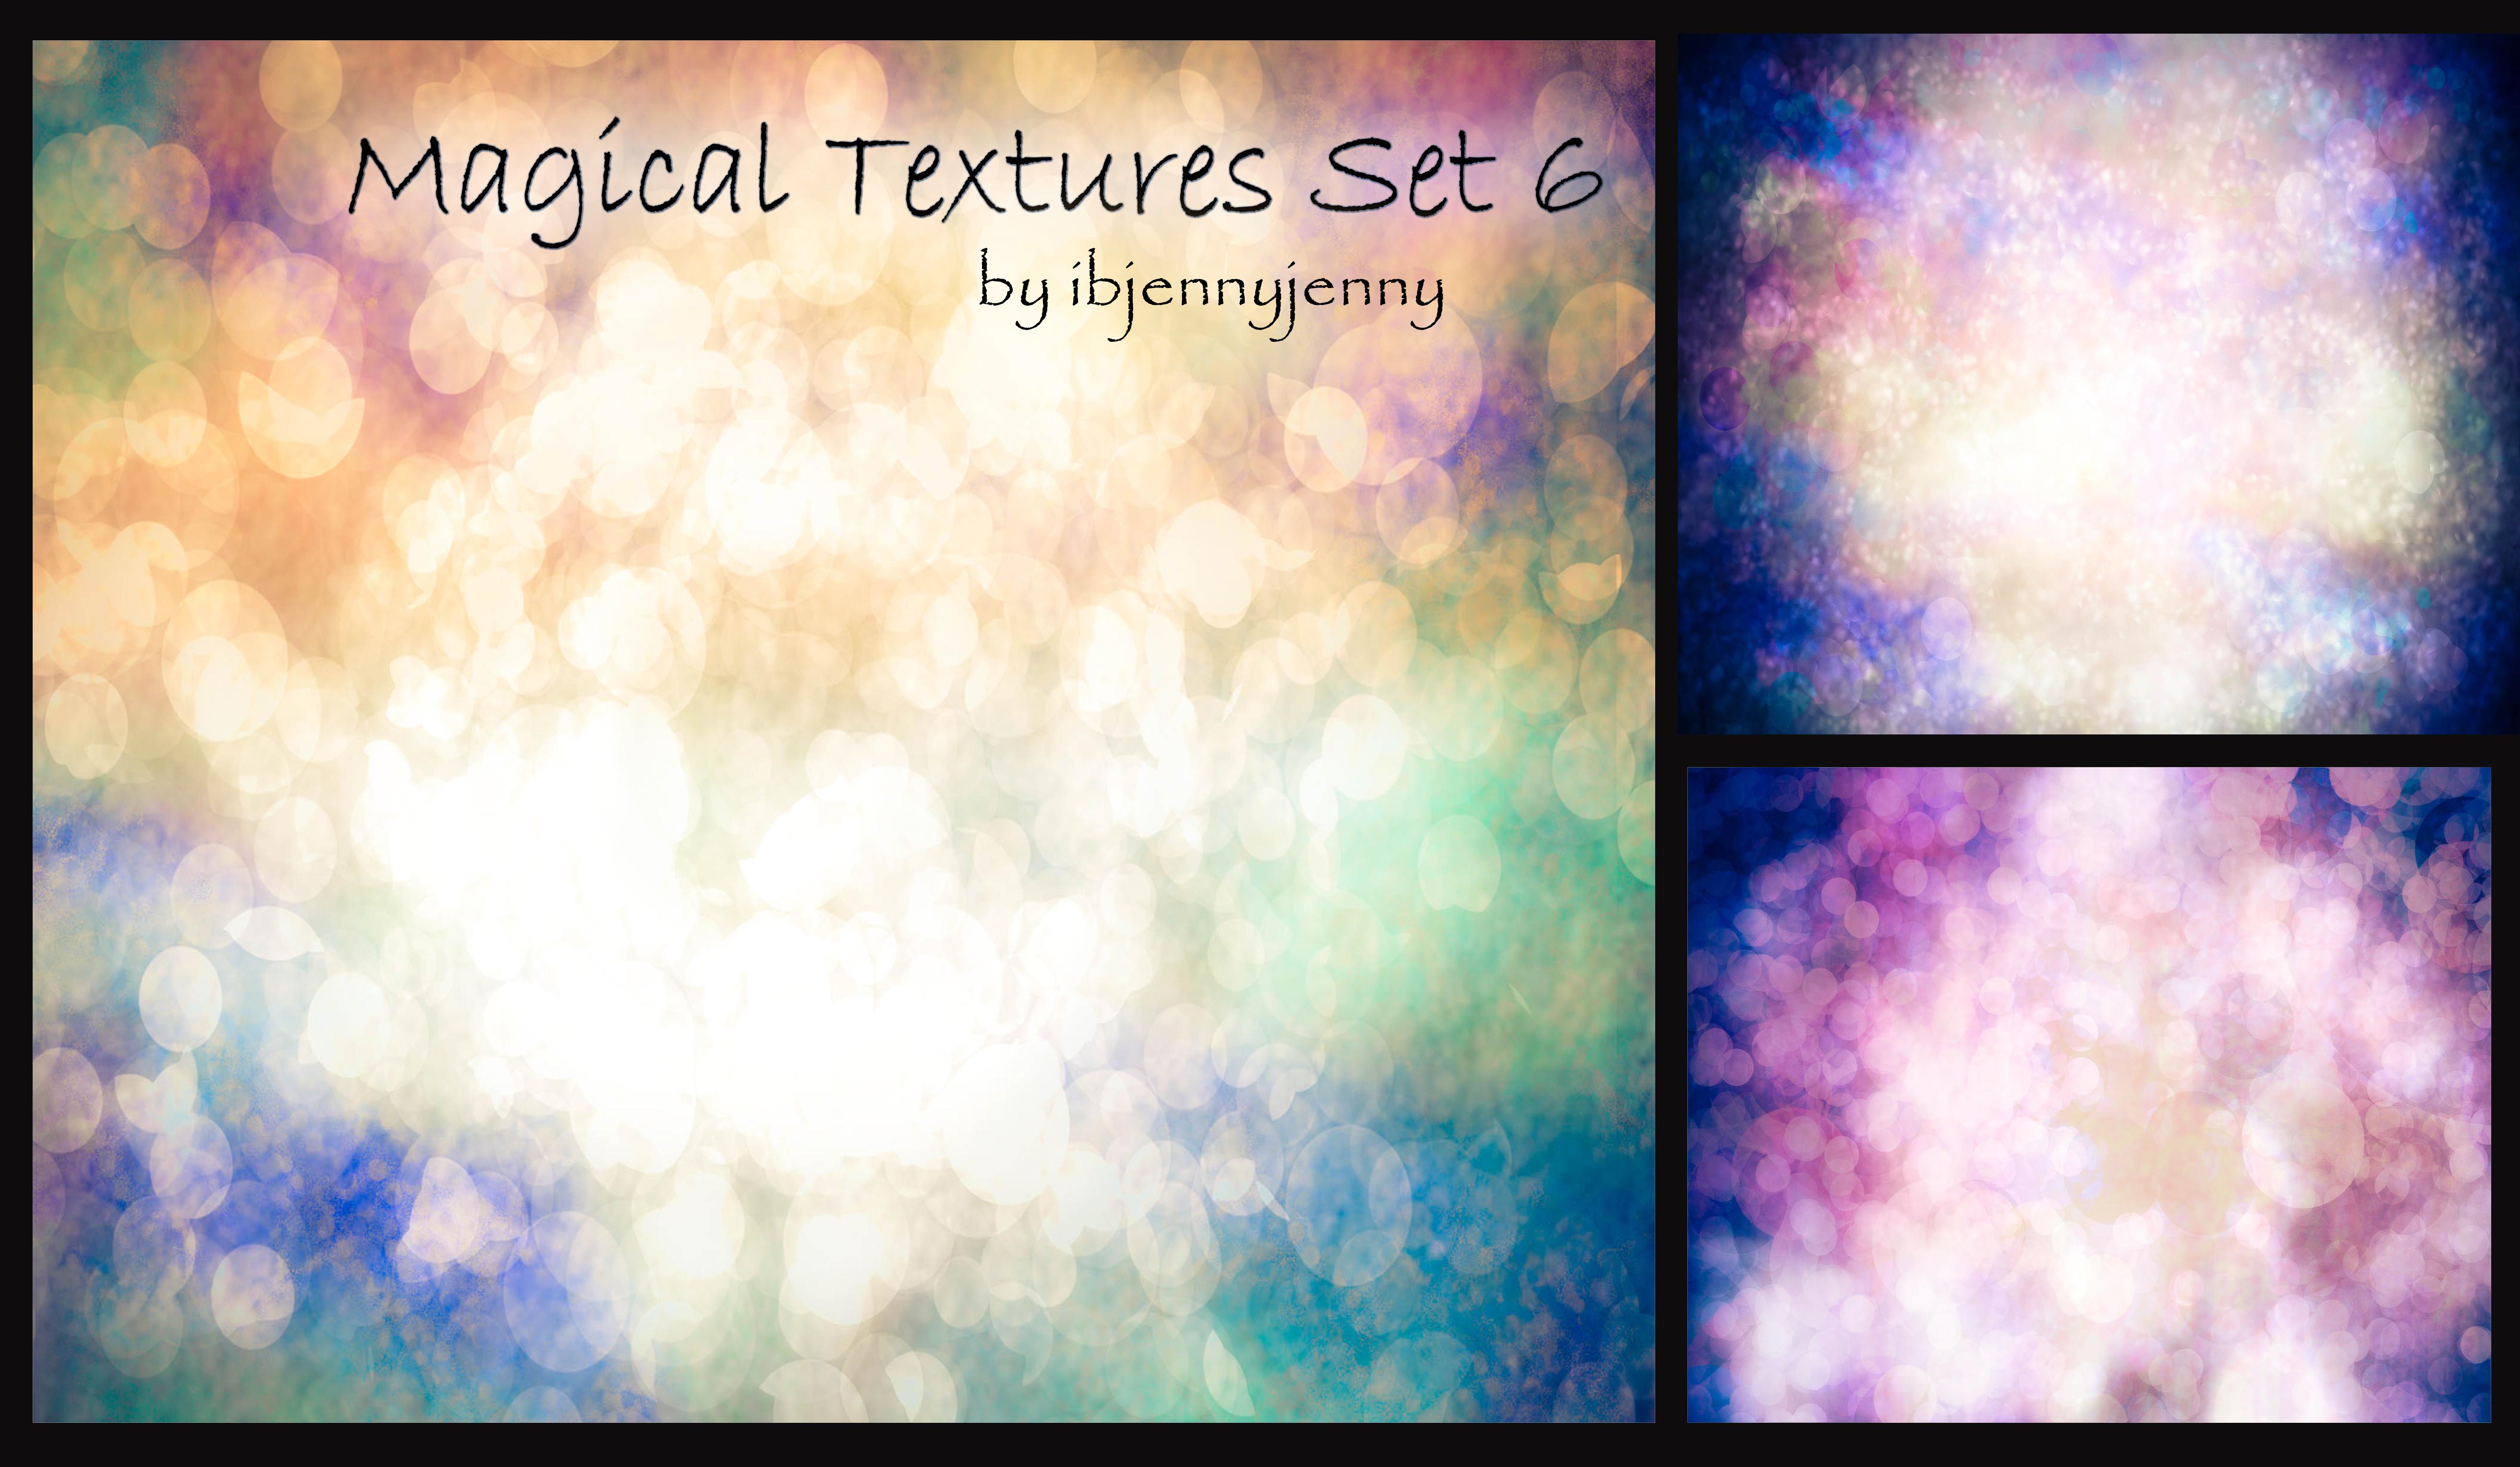 Magical Textures Set 6